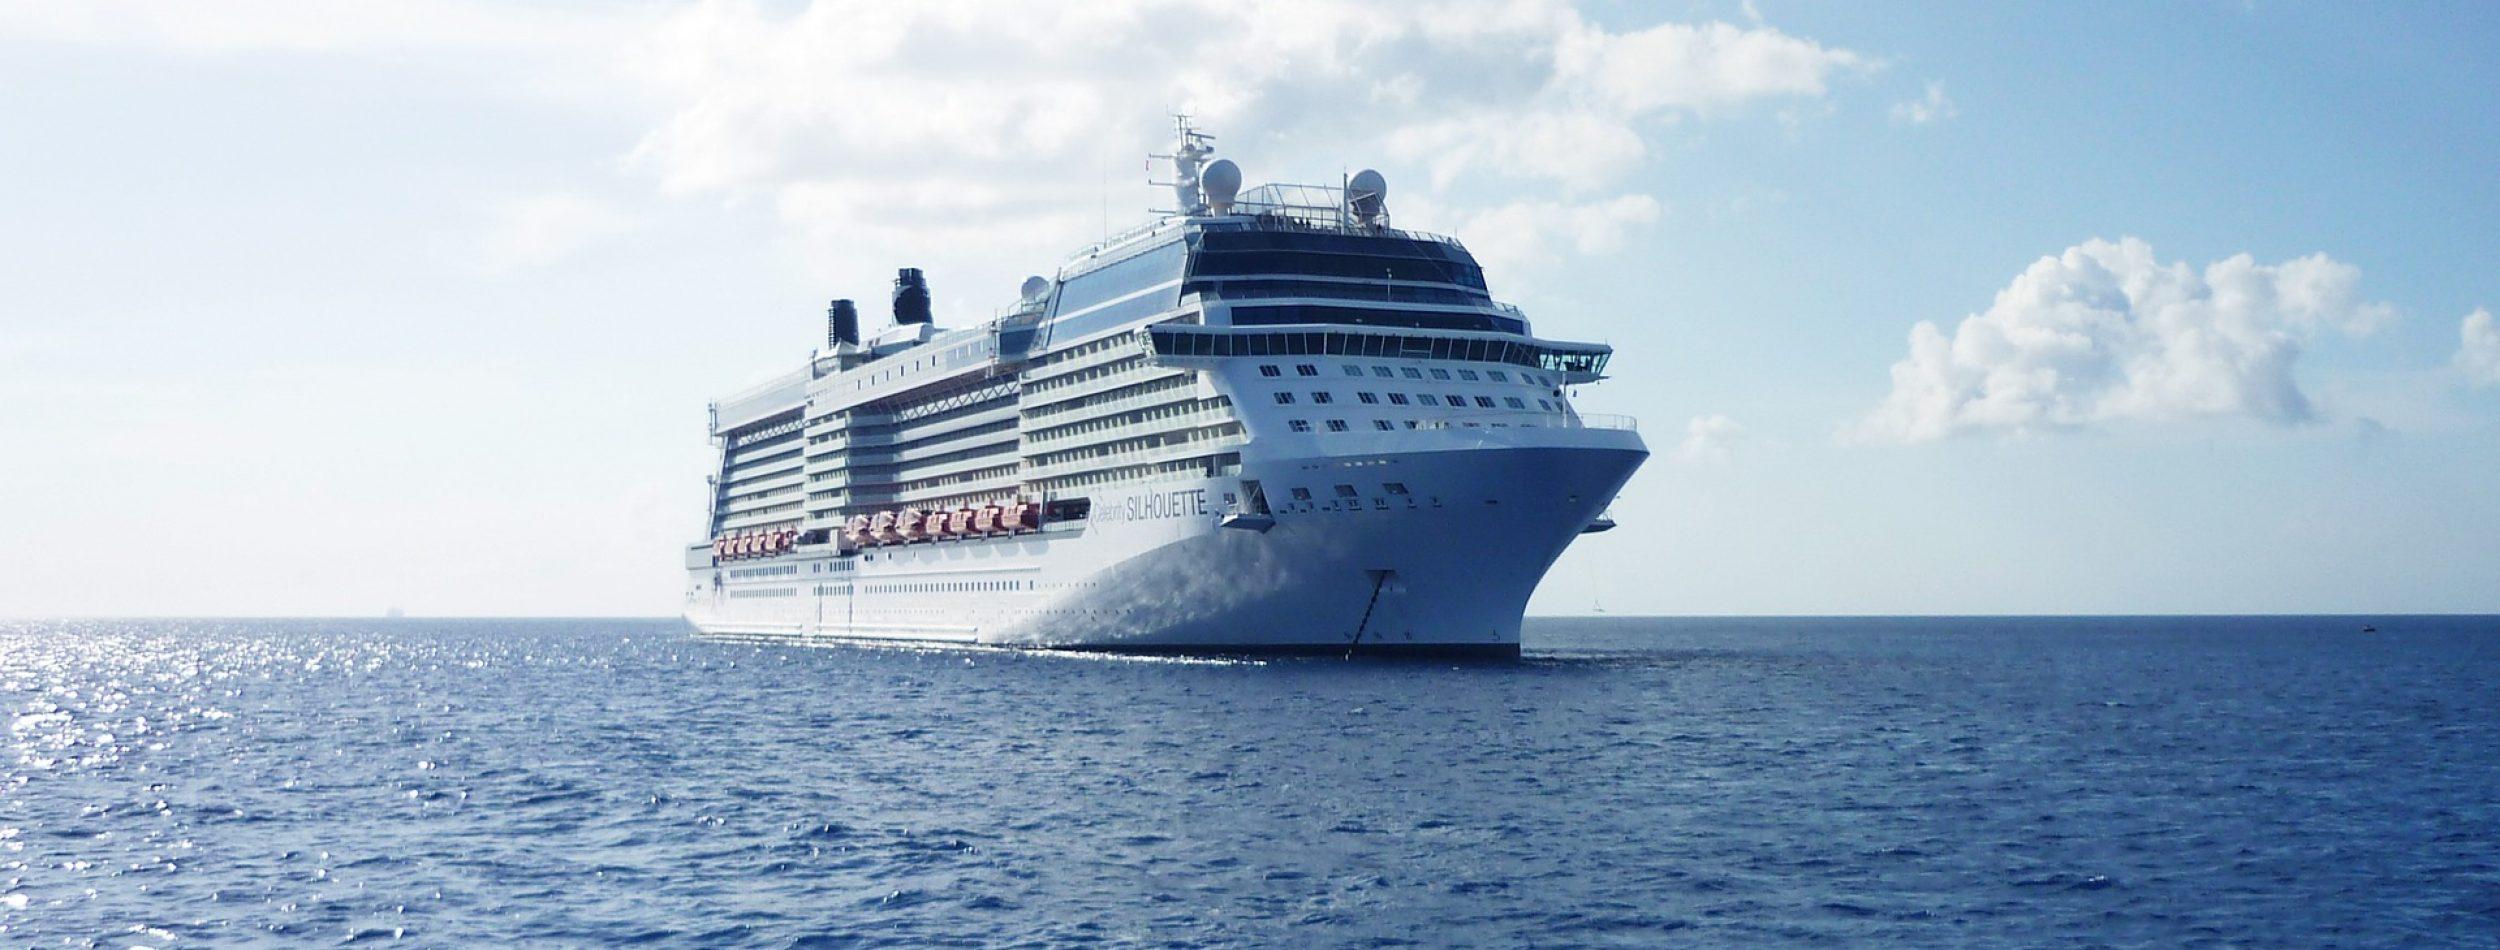 cruise-ship-788369_1920